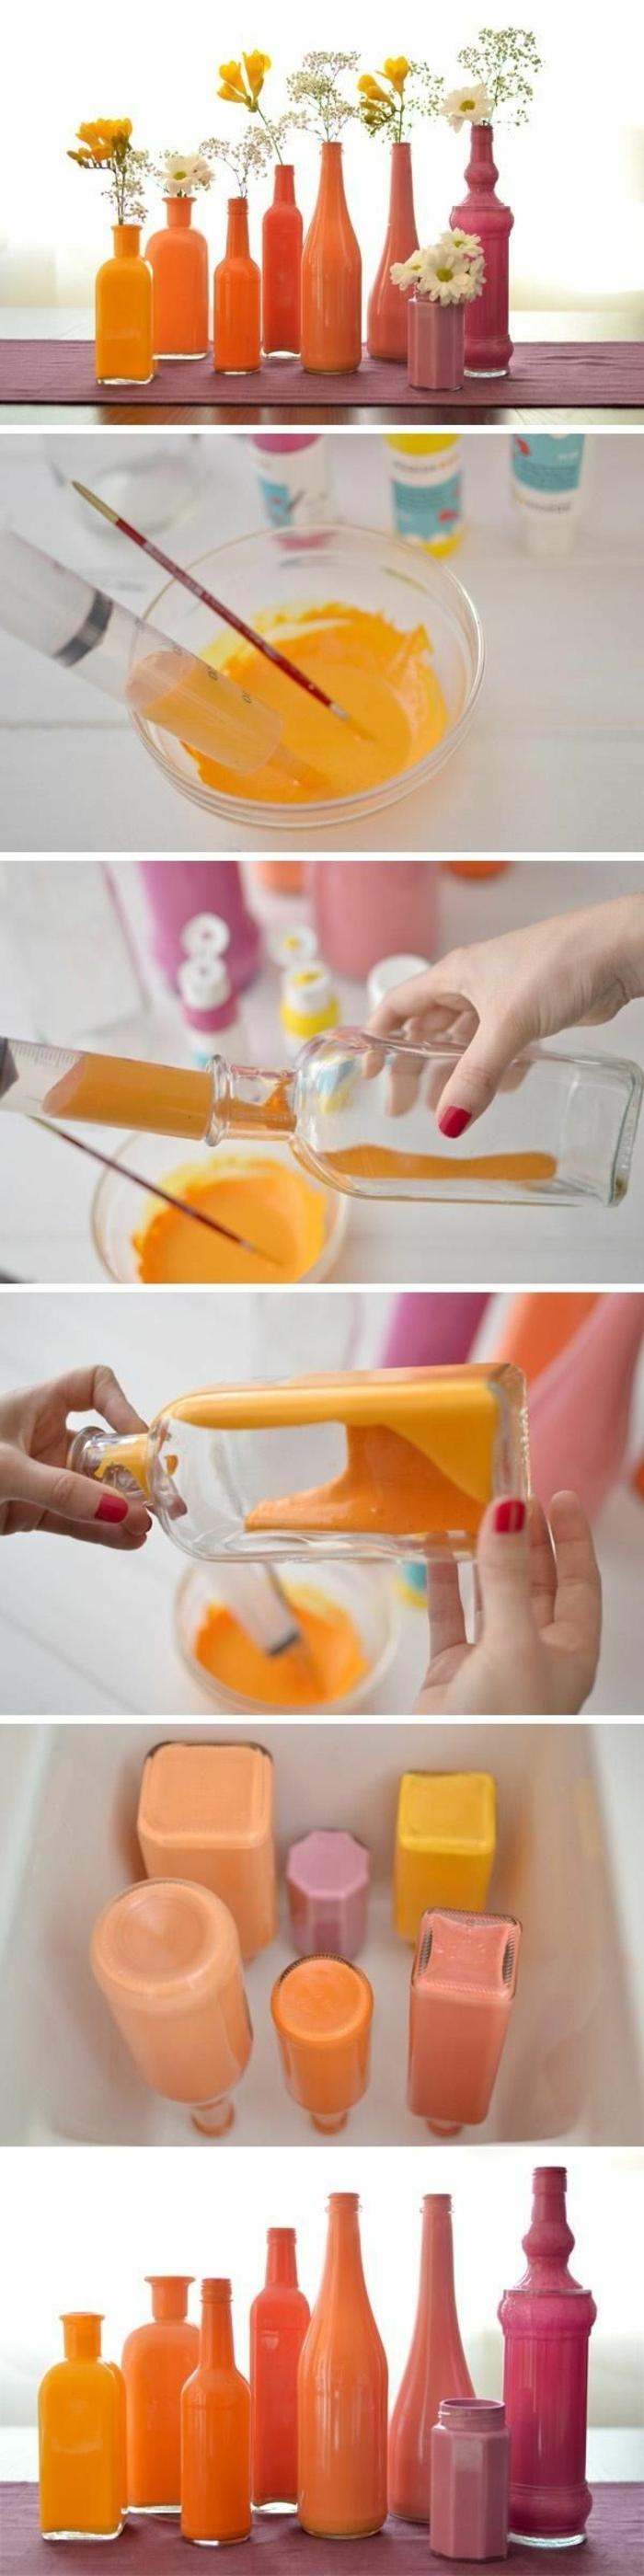 dekoideen diy alte gegenstände glasflaschen glasbehälter orange rosa gelb vasen selber machen